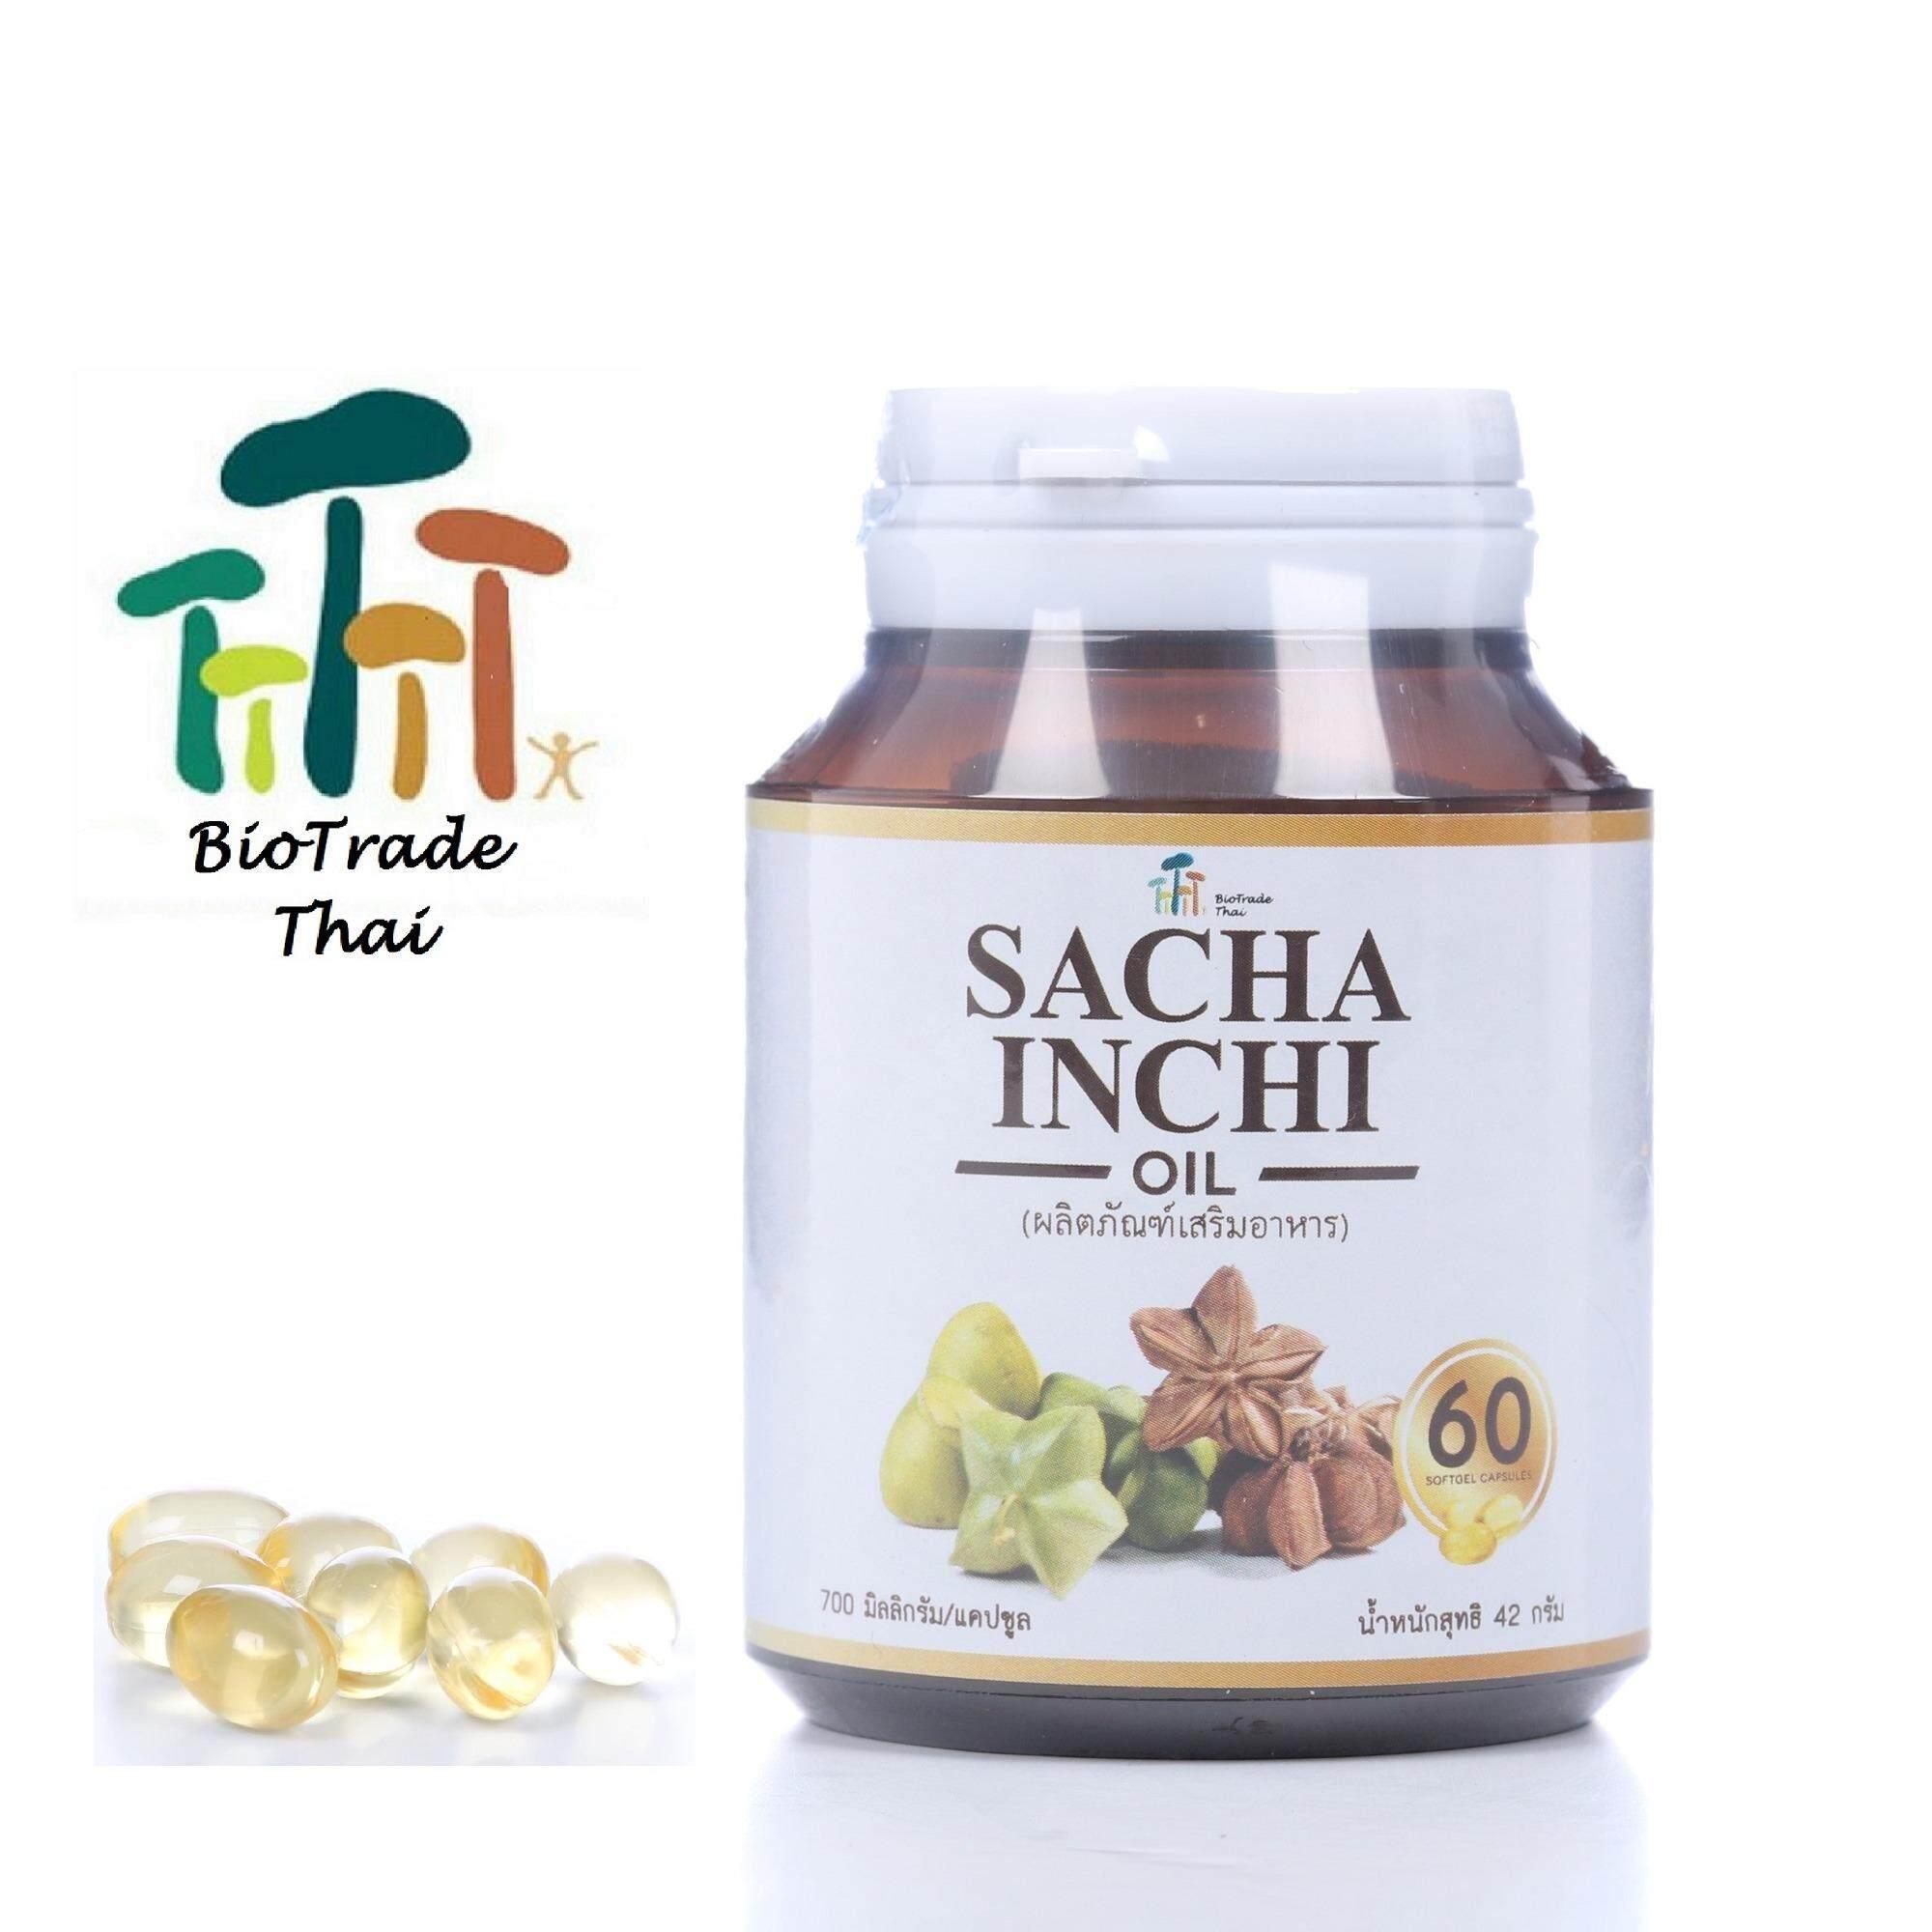 ซื้อ น้ำมันถั่วดาวอินคา สกัดเย็น 1 ขวด 60 แคปซูล เจล 1 Bottle Of 60 Sacha Inchi Oil In Soft Gel Cold Pressed Sachainchi Tua Dao Inca น้ำมันถั่วดาวอินคา 60 แคปซูล ถูก ใน กรุงเทพมหานคร